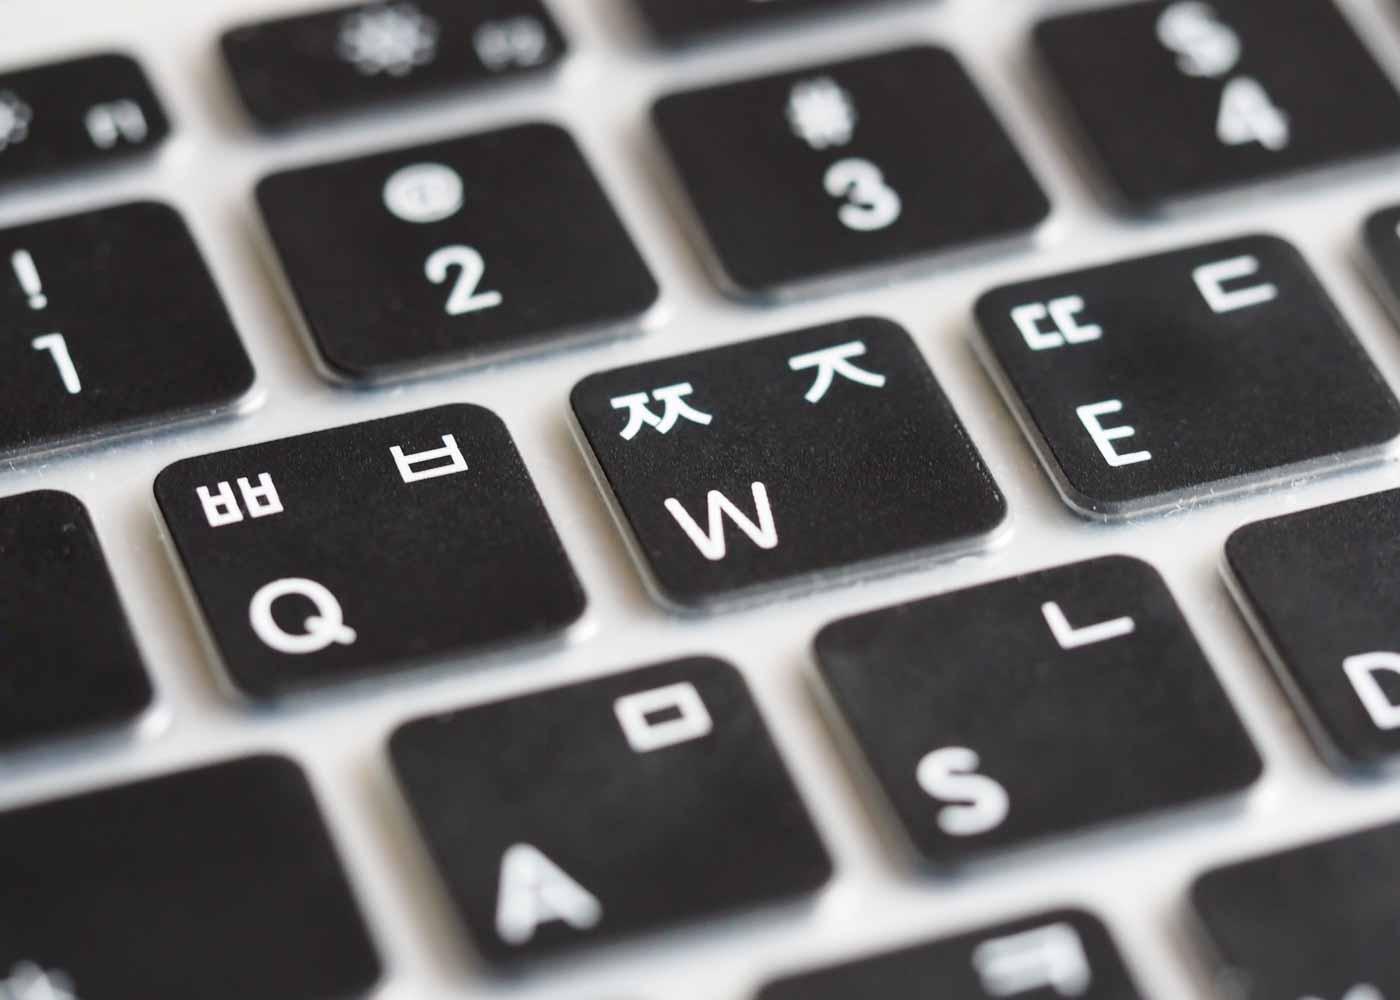 A Hangul (Korean) skin for an English keyboard.